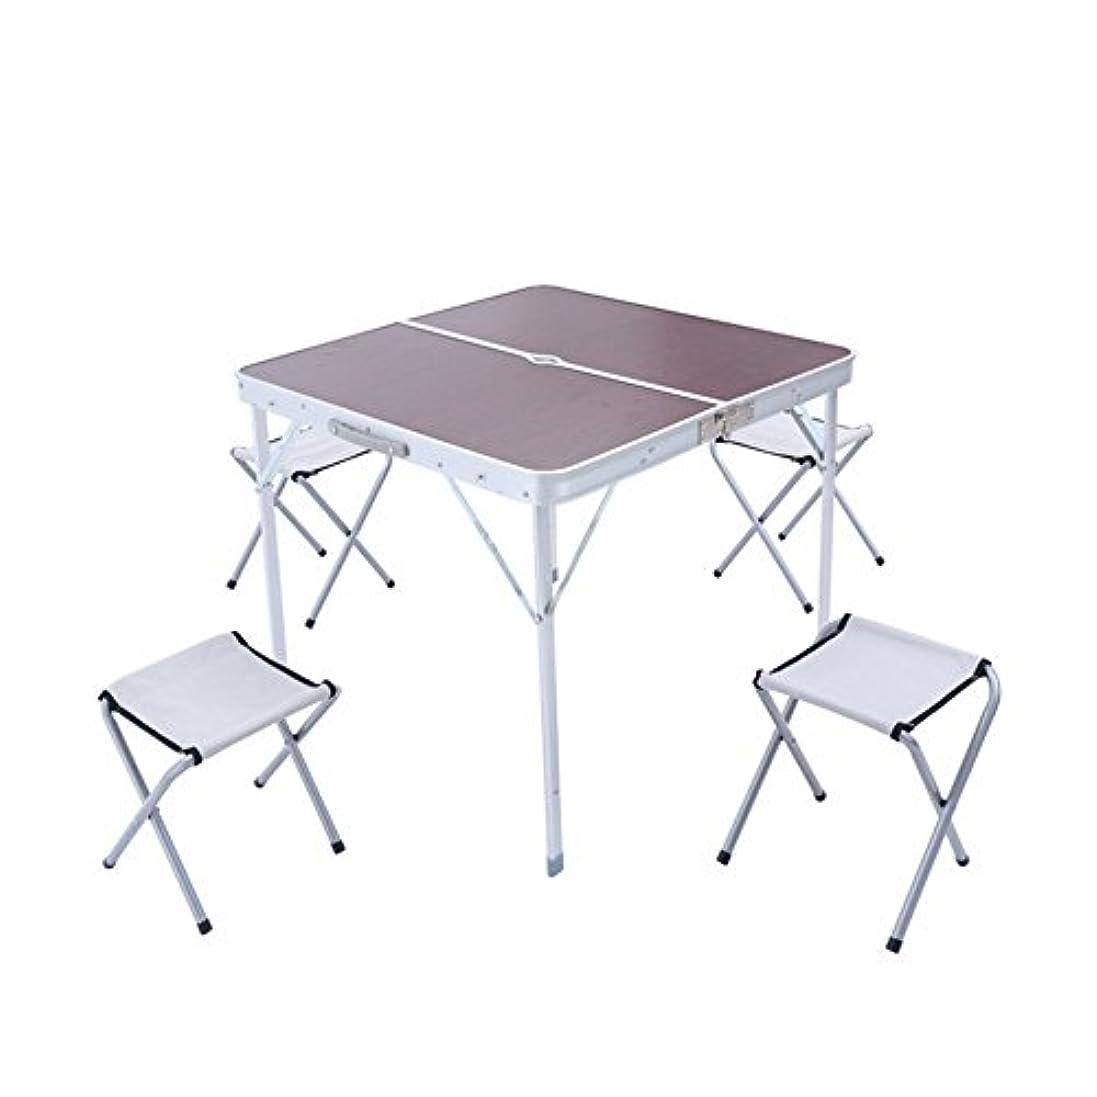 承認する医師基礎屋外の折りたたみ式テーブルアルミニウム折りたたみ式テーブルおよび椅子携帯用広告テーブルピクニックアルミニウムテーブルおよび折りたたみ式テーブル、折りたたみ式デザイン アウトドア キャンプ用